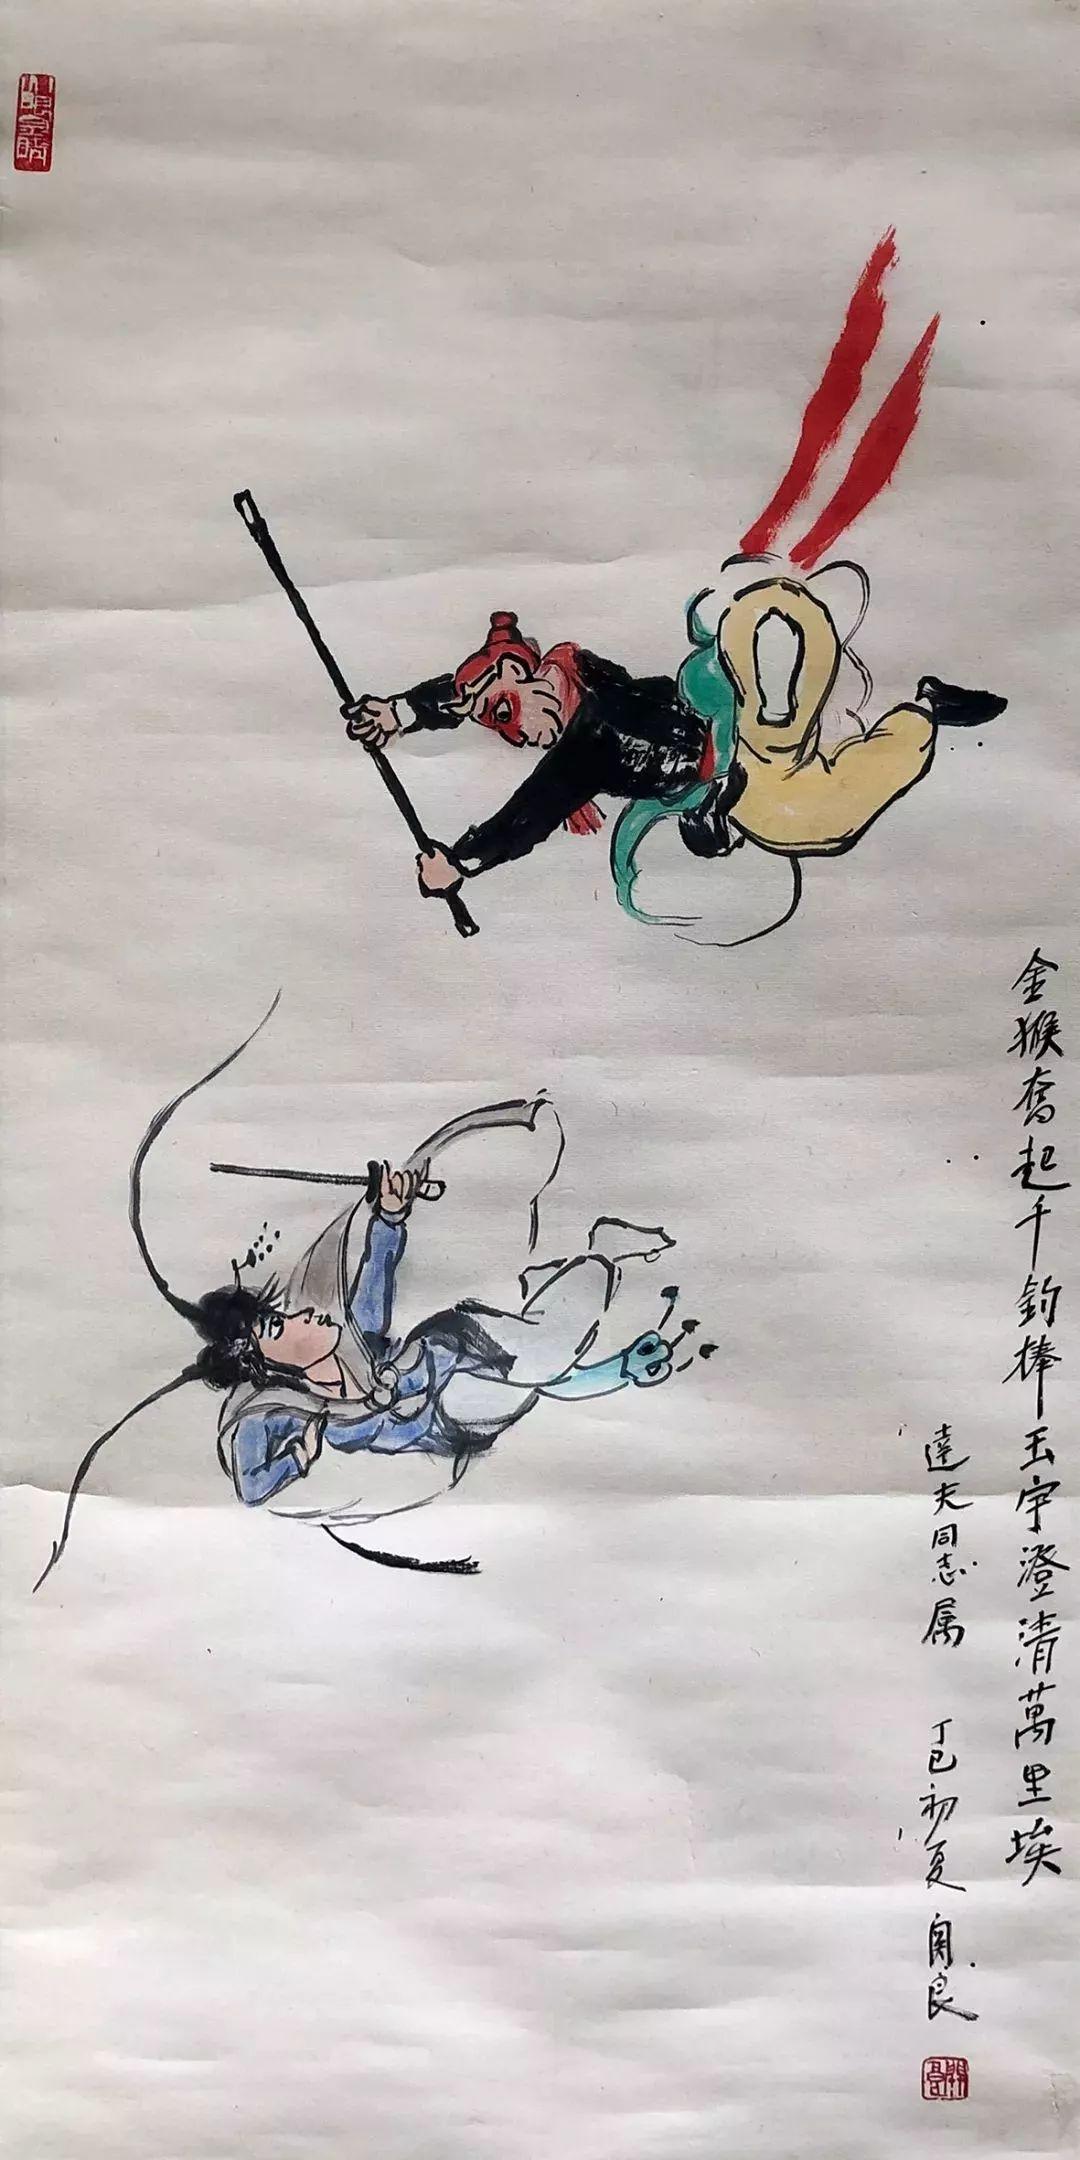 向关良大师致敬 关良 杨群戏剧人物水墨画展